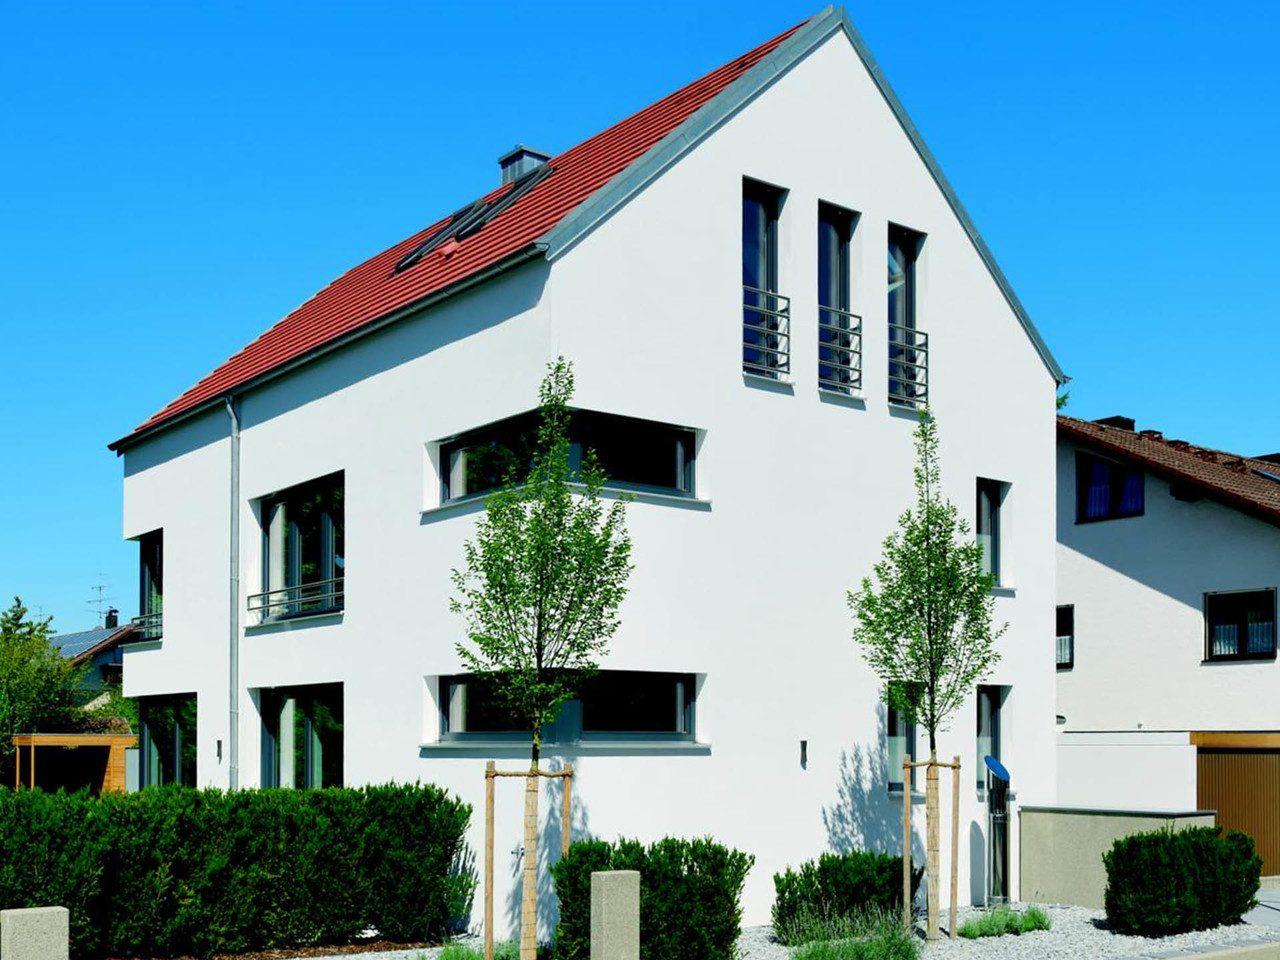 Haus Silbereiche - Gruber Holzhaus